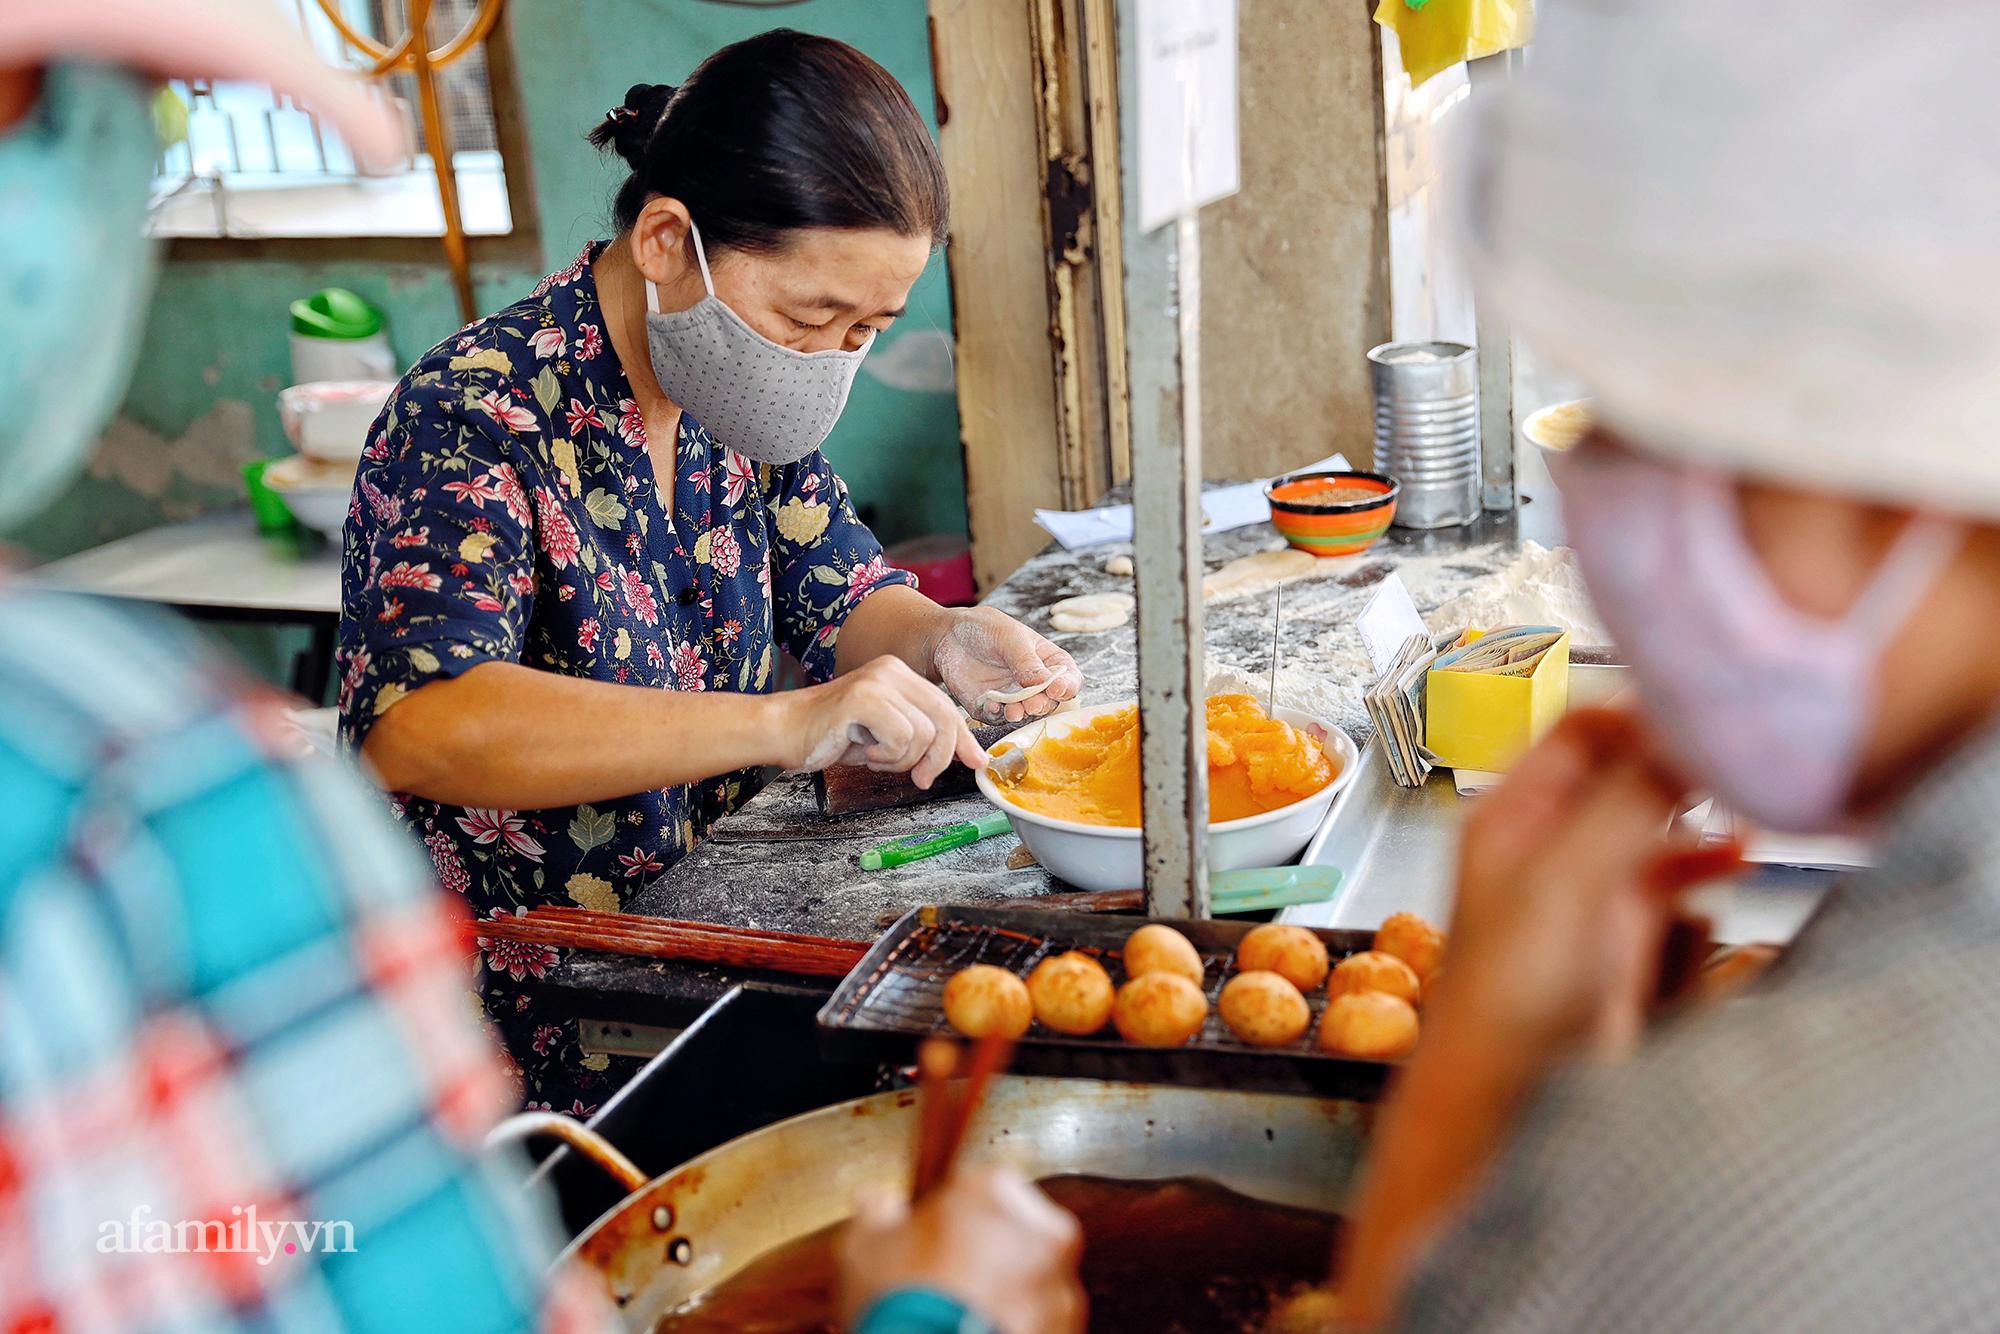 """Hàng bánh tiêu """"CHẢNH"""" nhất Việt Nam - """"mua được hay không là do nhân phẩm"""", dù chưa kịp mở cửa đã chính thức hết bánh khiến cả Vũng Tàu tới Sài Gòn phải xôn xao! - Ảnh 3."""